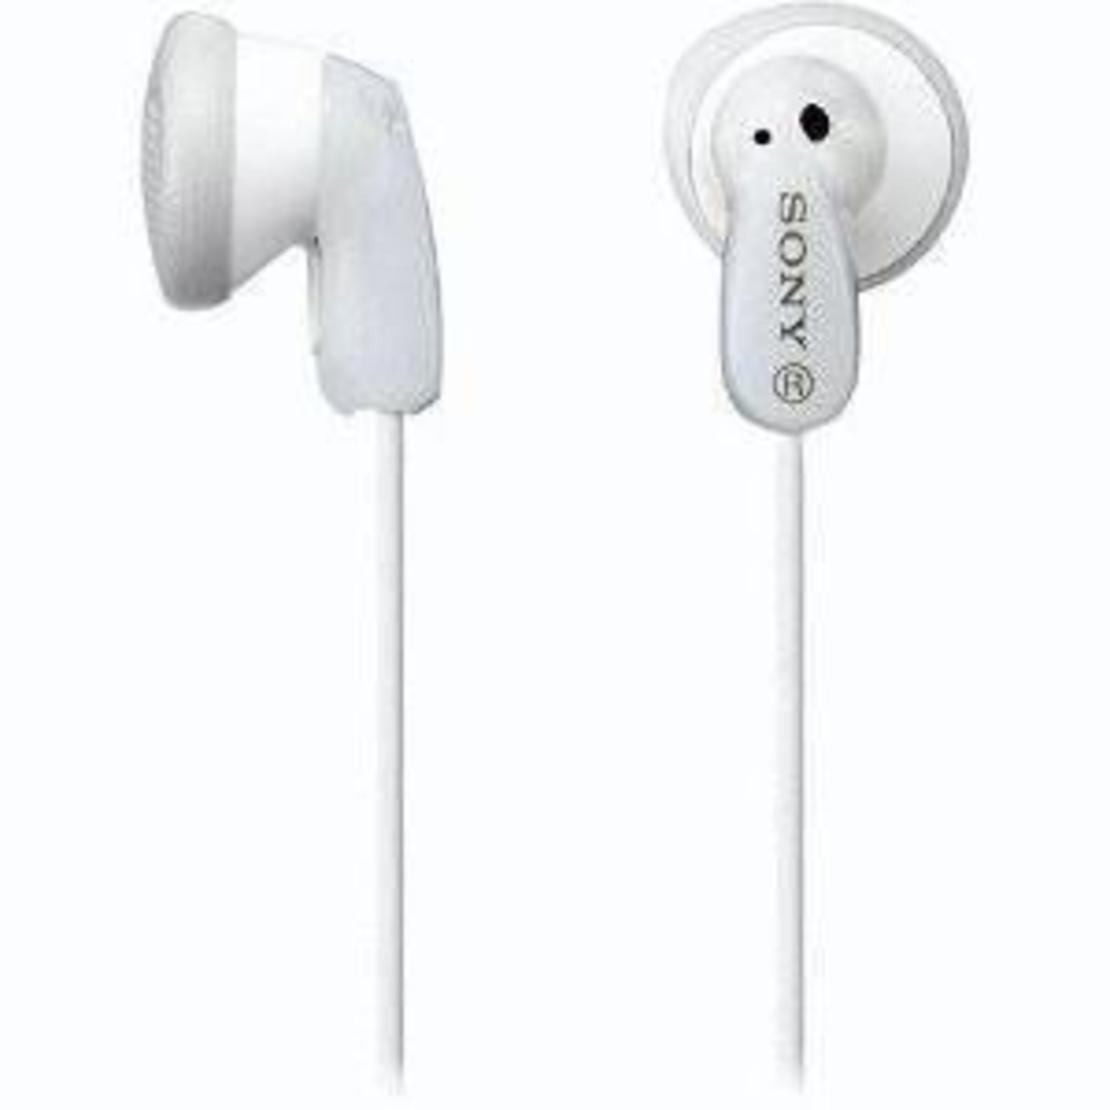 אוזניות IN-EAR MDRE9LP Sony בצבע לבן